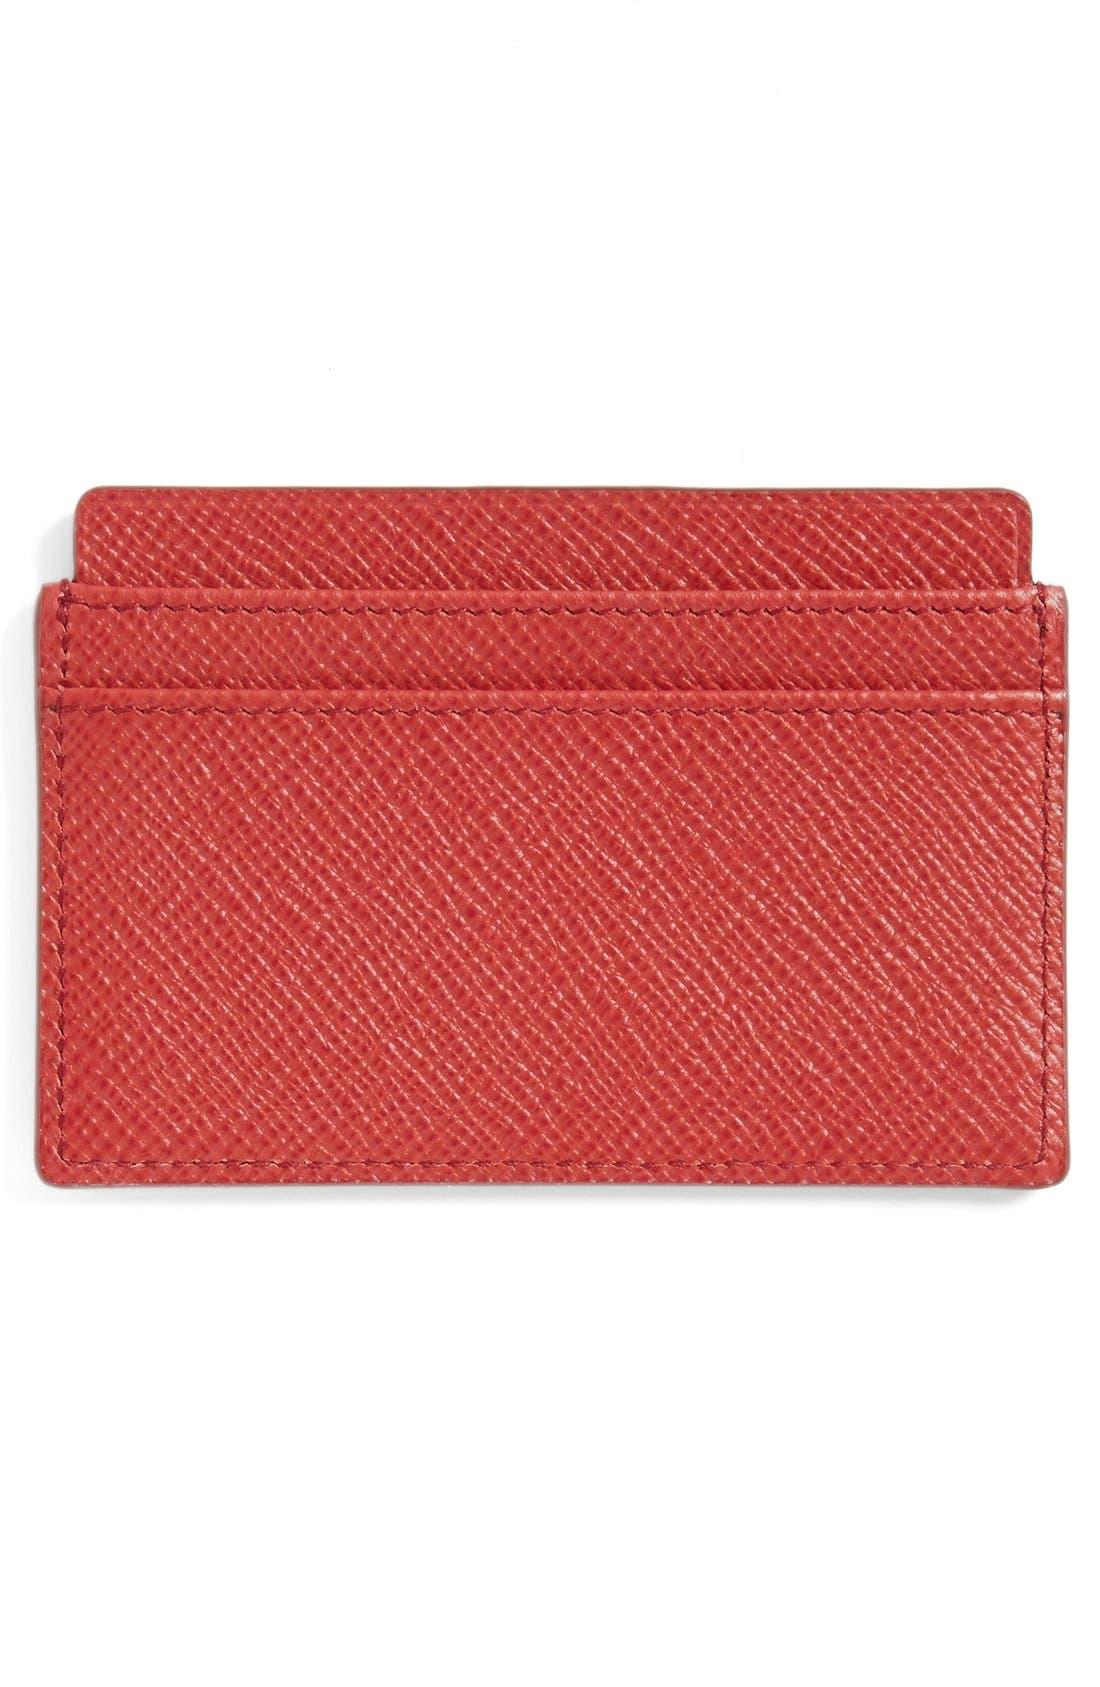 Alternate Image 2  - Smythson 'Panama' Leather Card Case